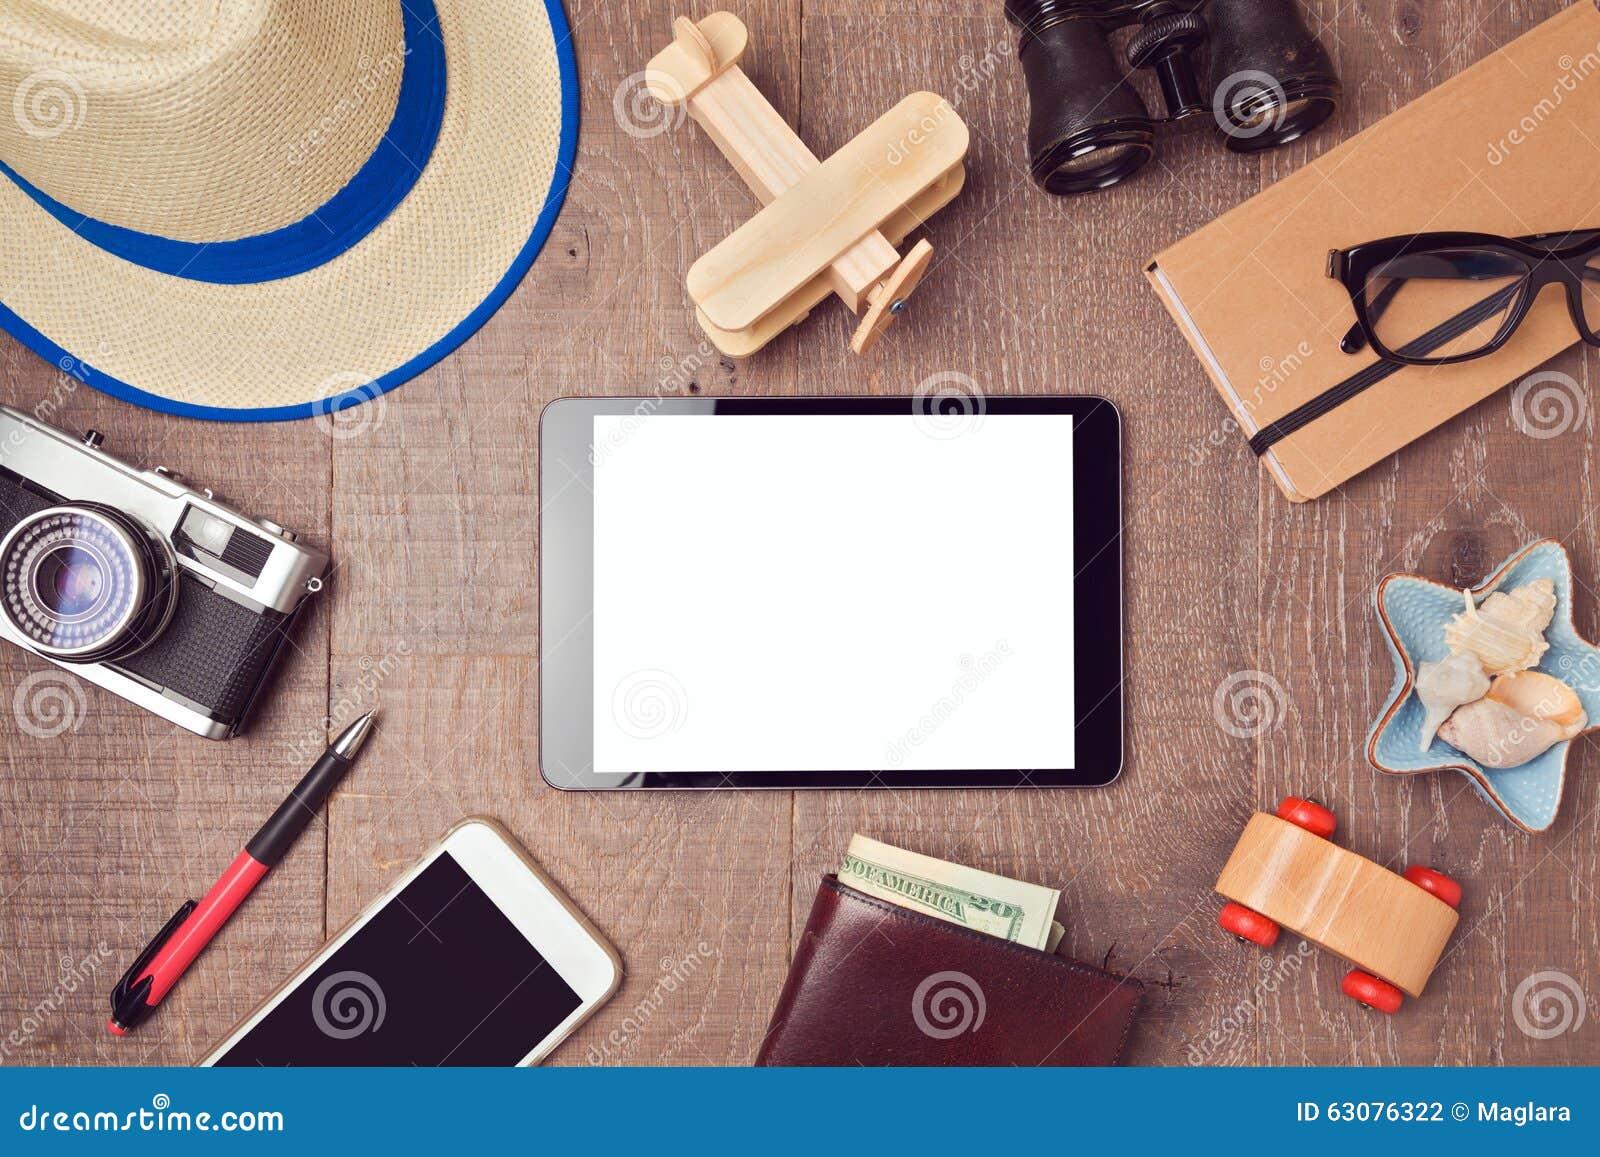 Reise- und Ferienkonzepthintergrund mit digitalem Tablettenspott oben und Gegenständen Ansicht von oben